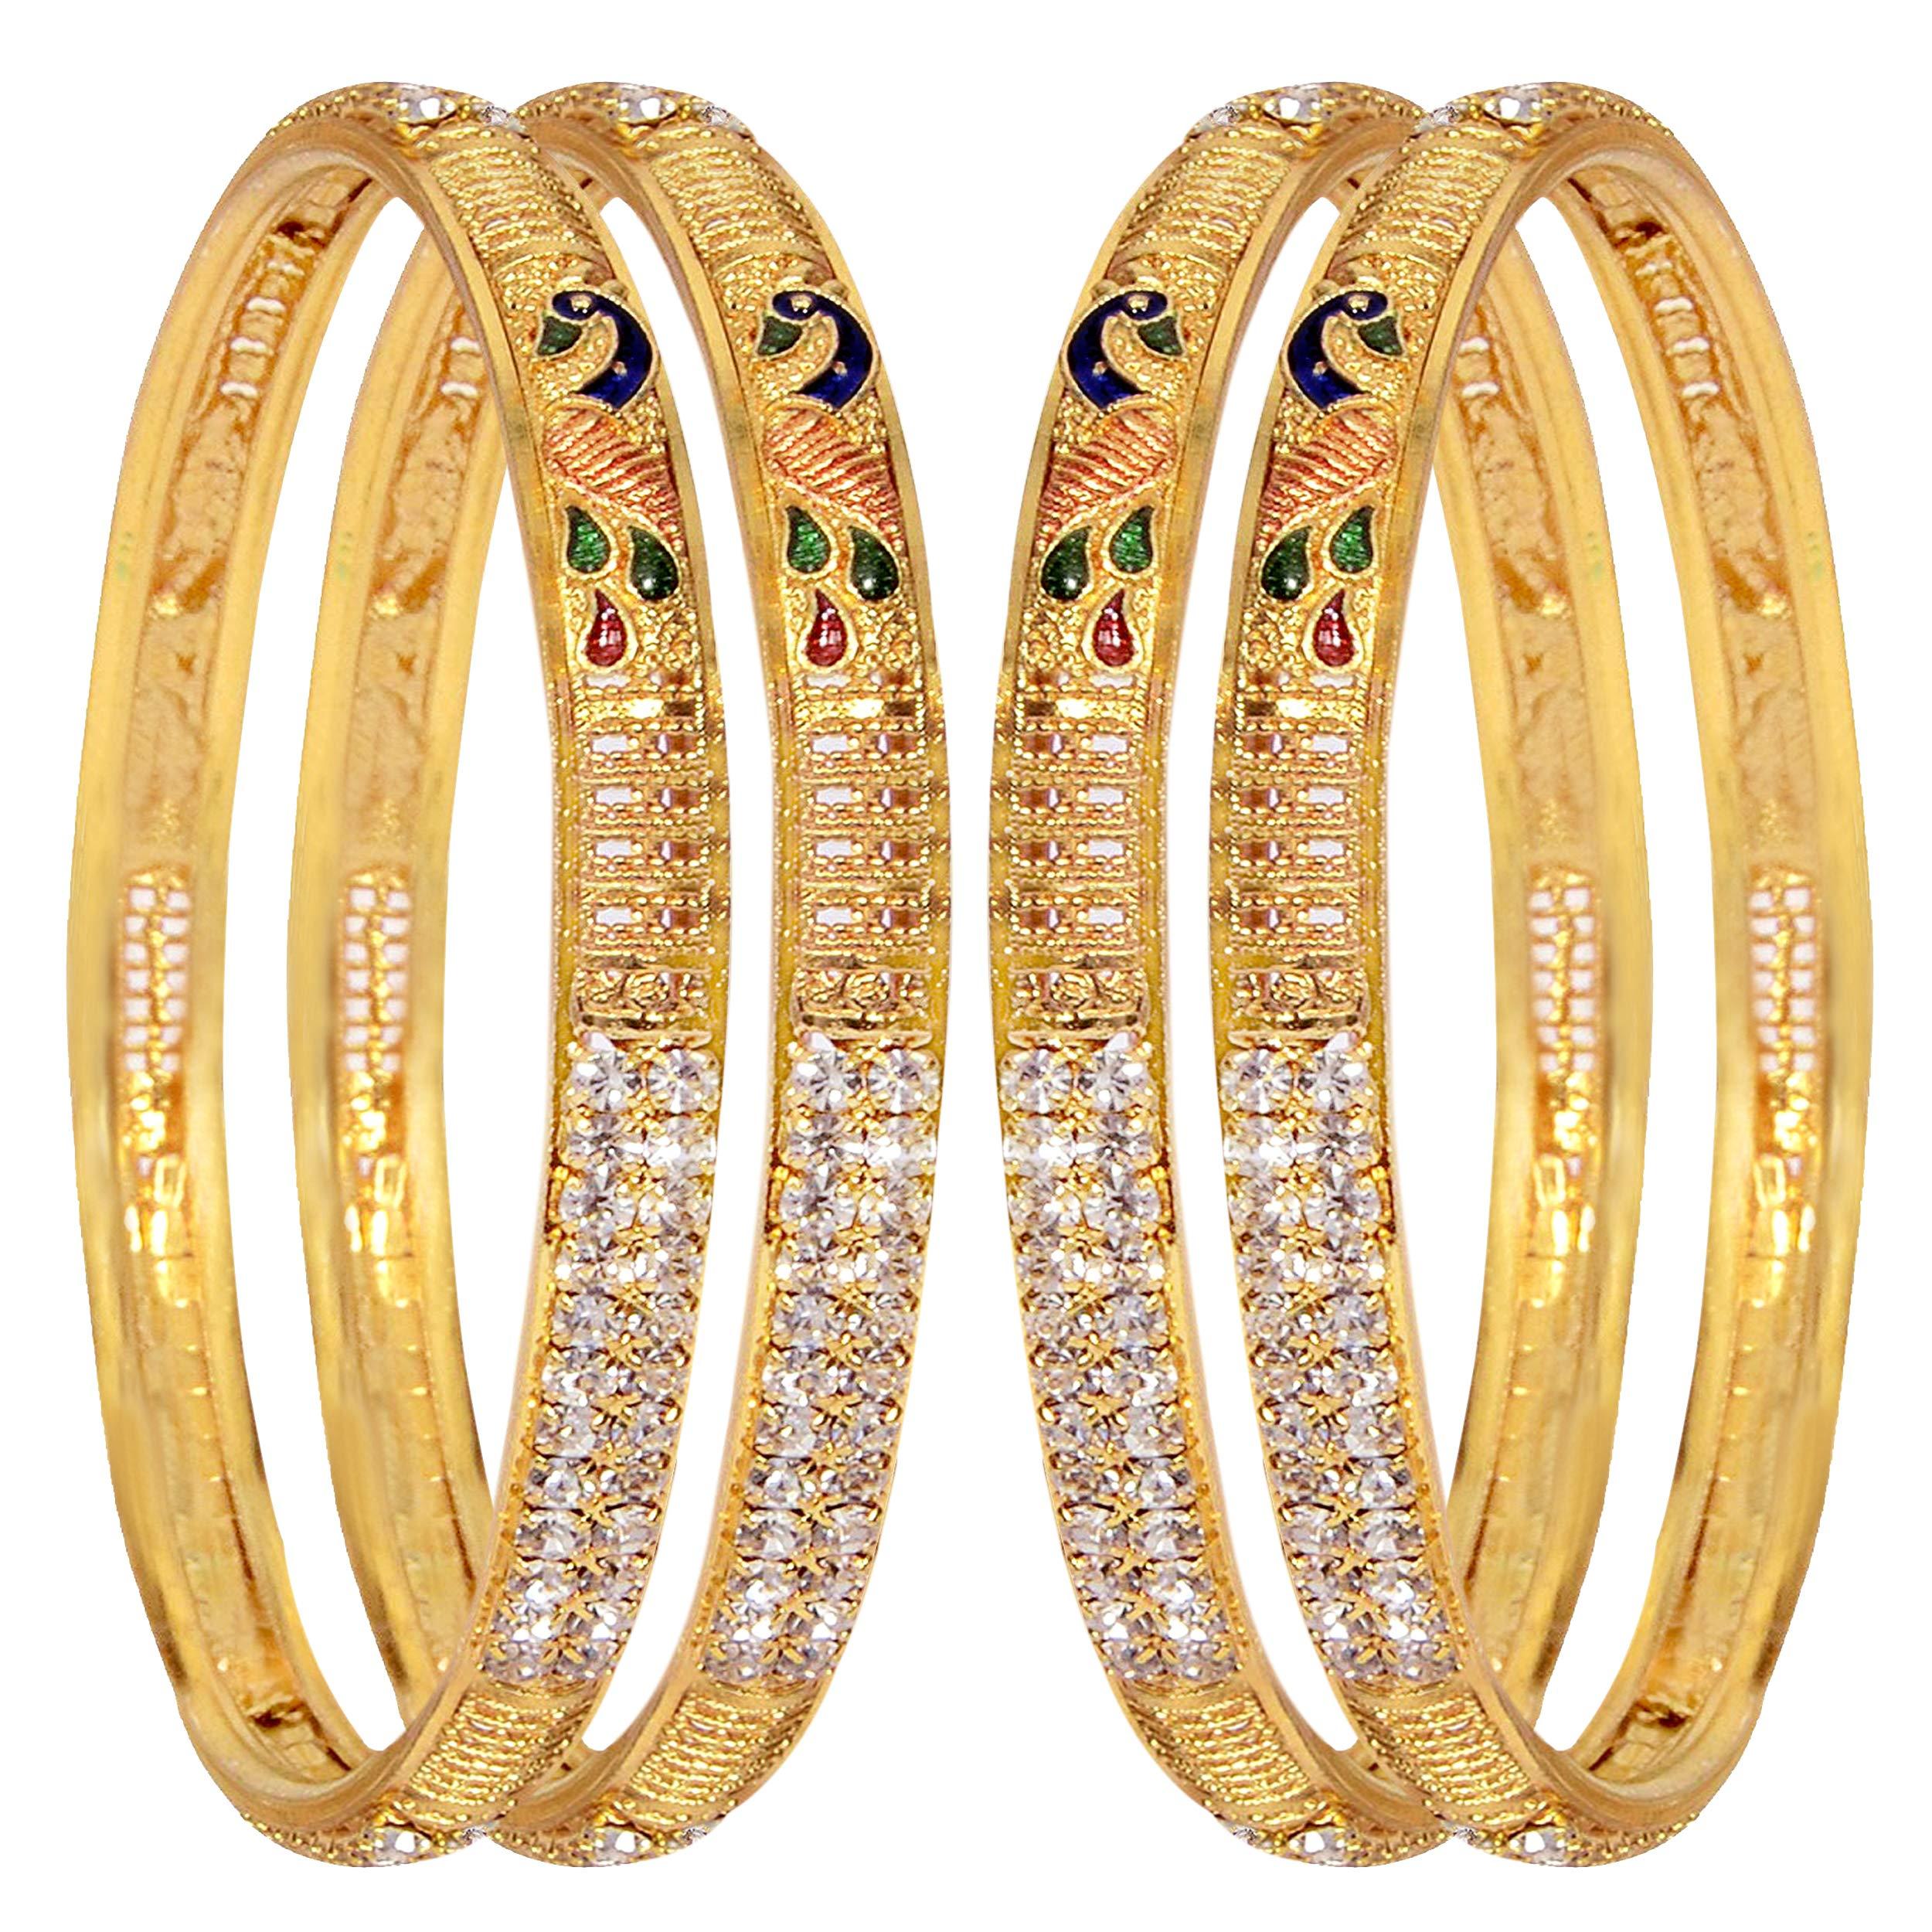 b910e021e5eef Best Rated in Women's Bracelets & Helpful Customer Reviews - Amazon.in